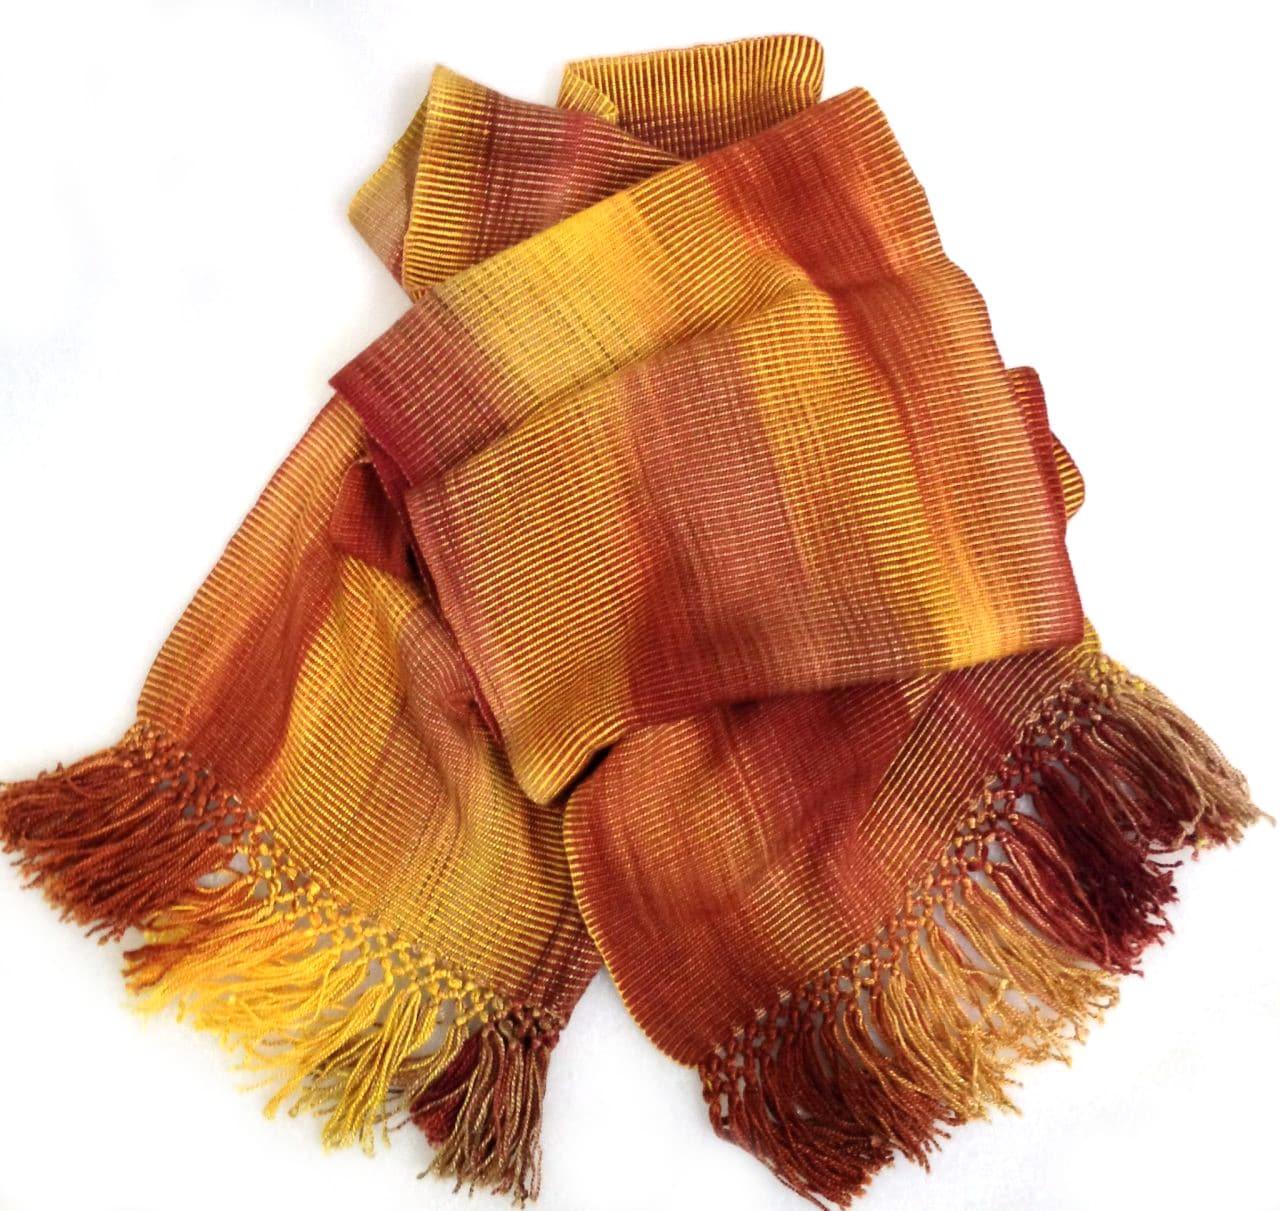 Golden Autumn - Lightweight Bamboo Handwoven Scarf 8 x 68